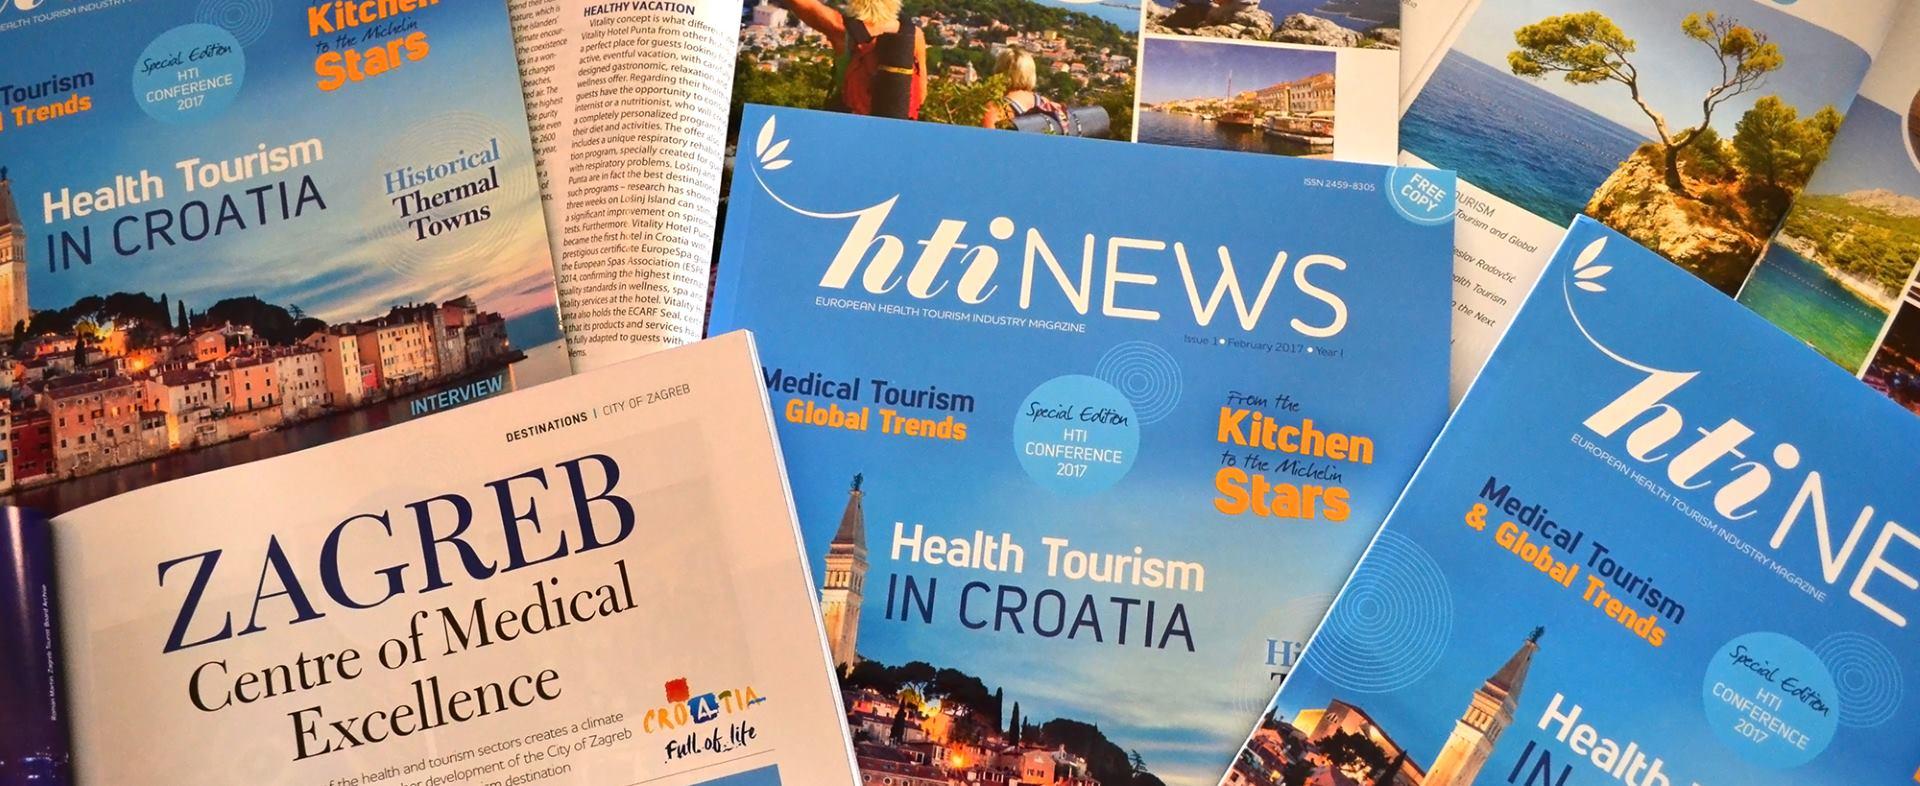 HTI NEWS Hrvatska tvrtka izdavač prvog europskog glossy časopisa posvećenog zdravstvenom turizmu